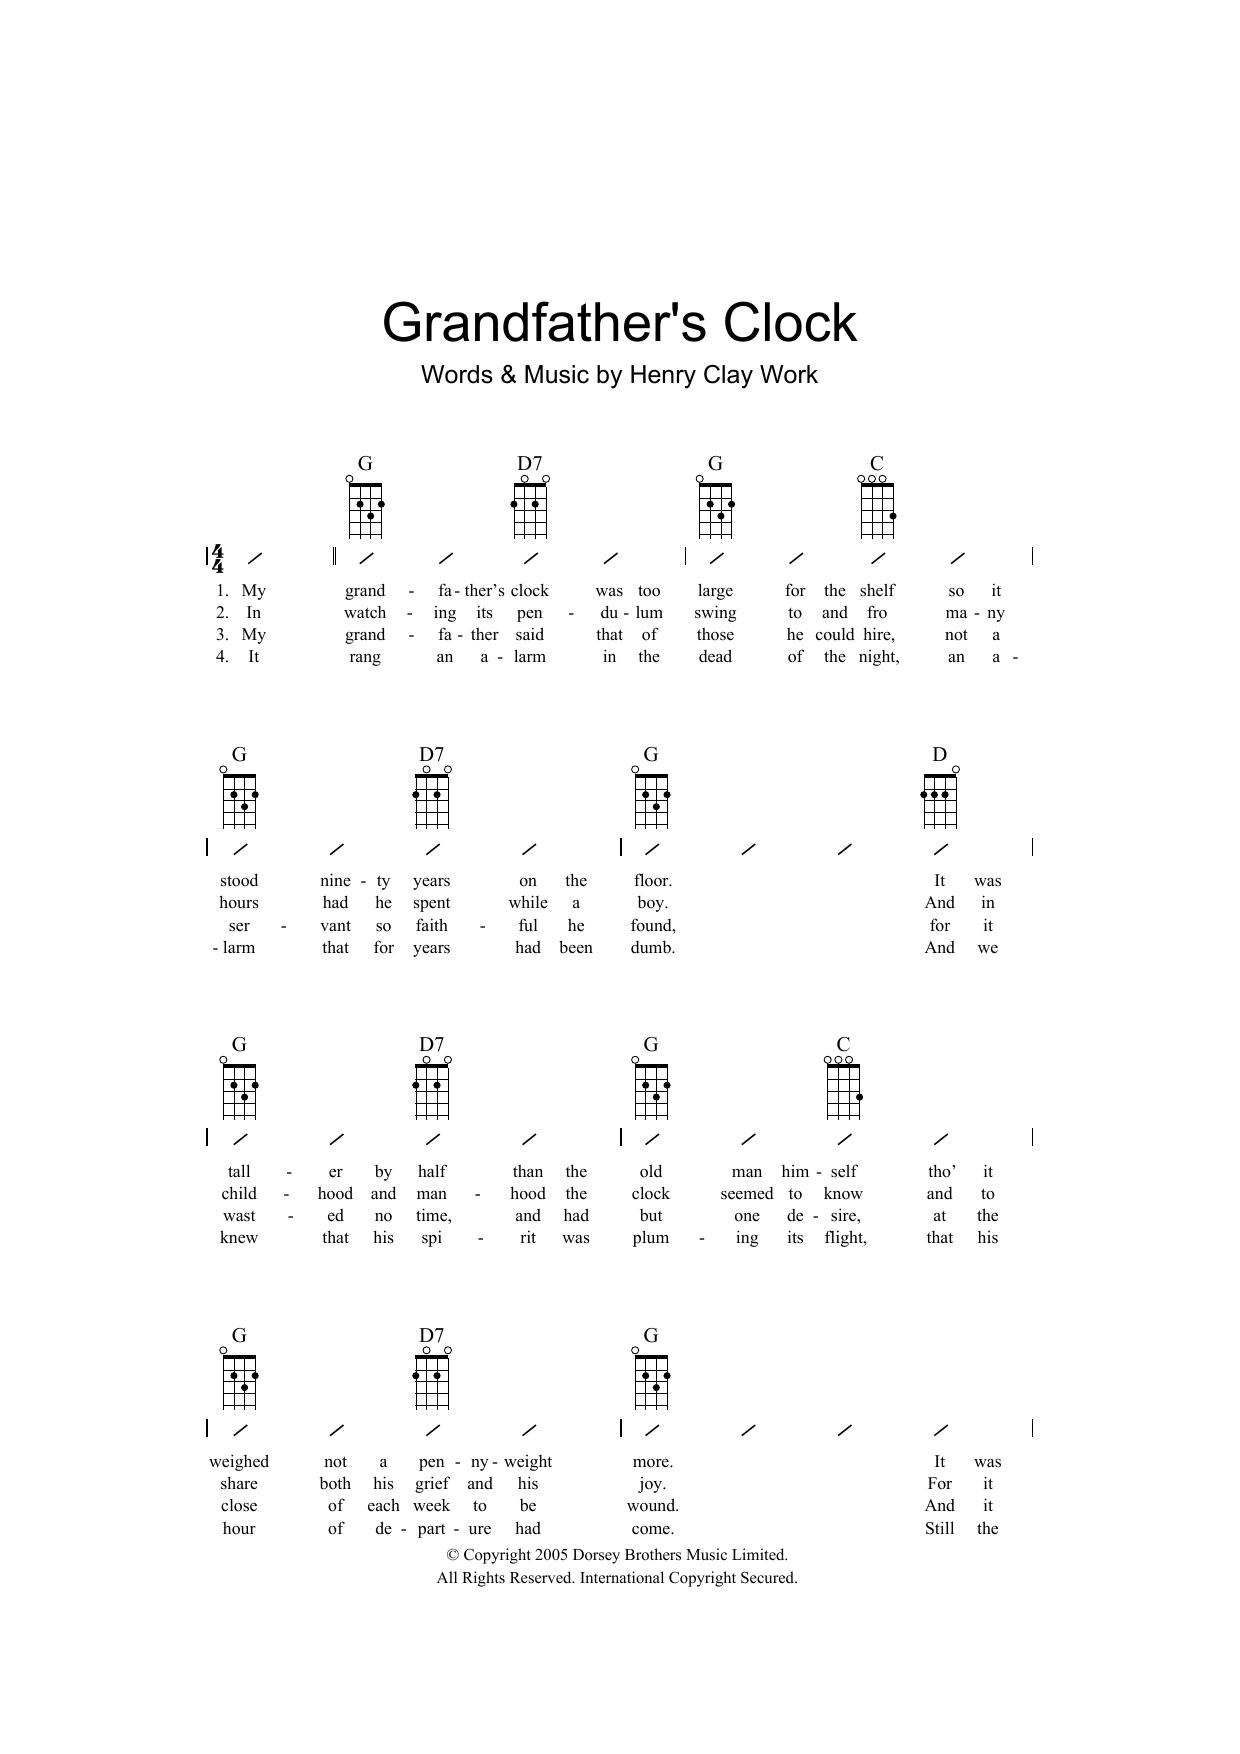 Grandfather's Clock (Ukulele Chords/Lyrics)